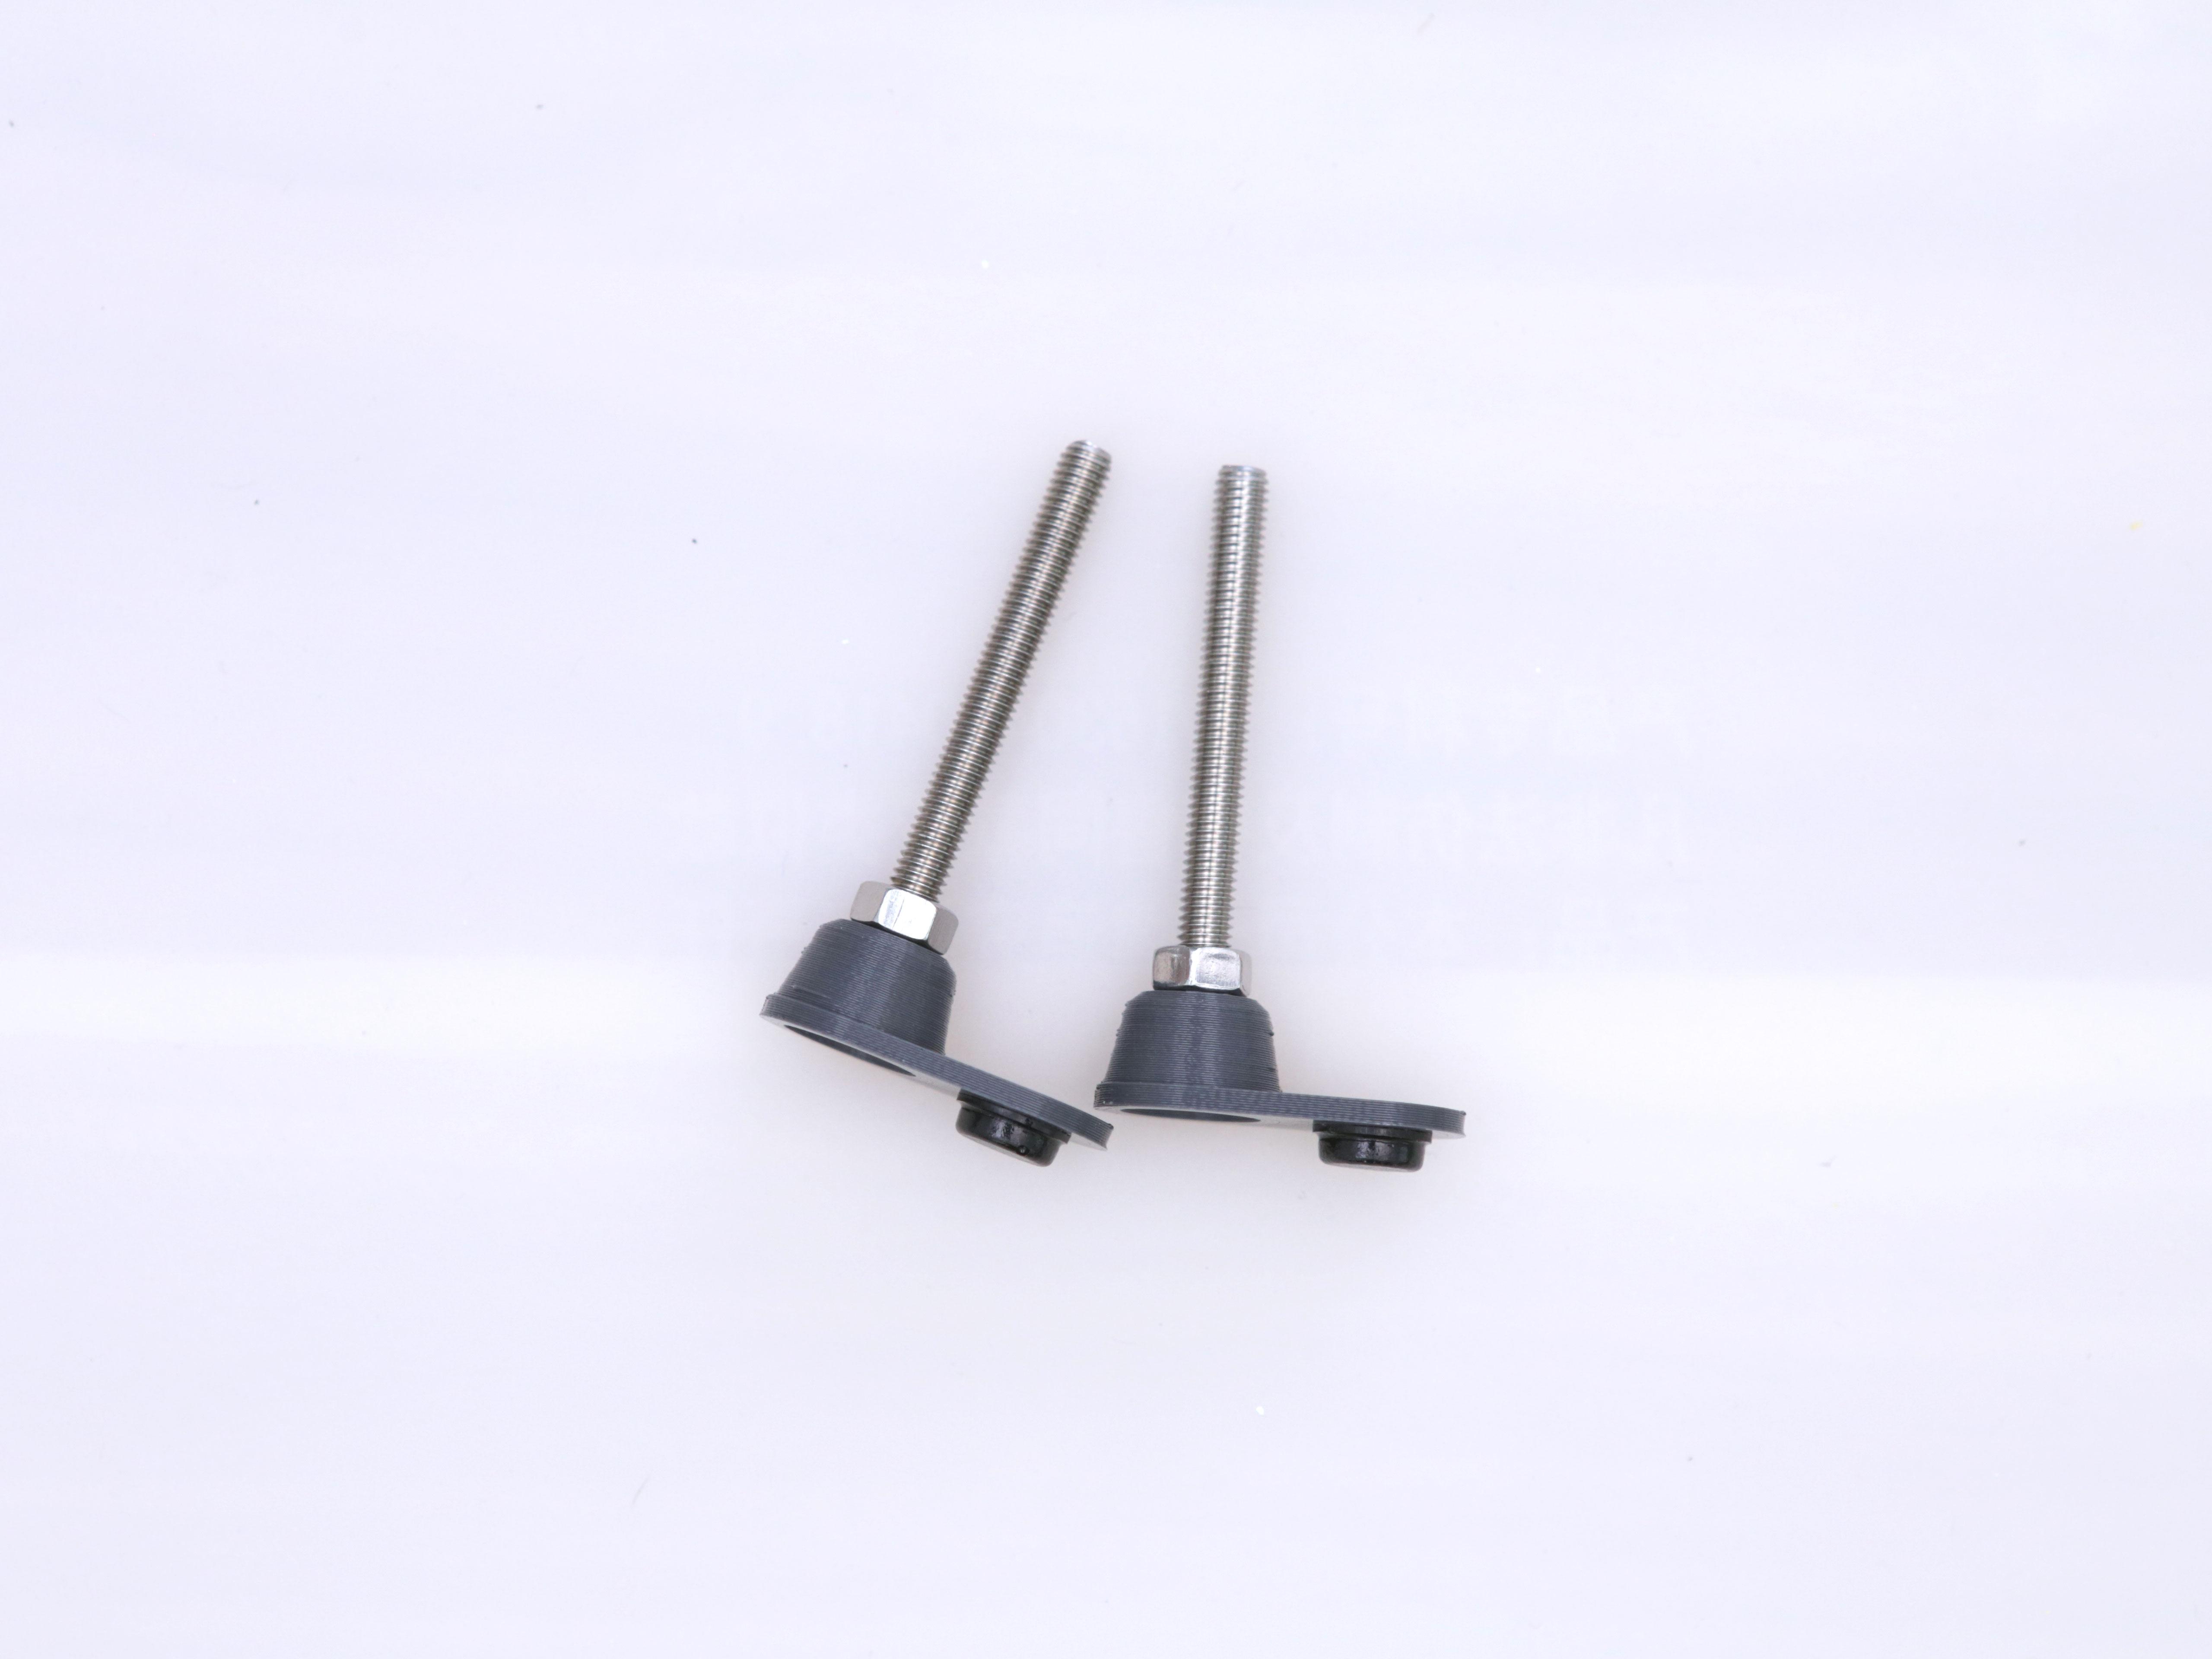 3d_printing_2020-feet-screws.jpg